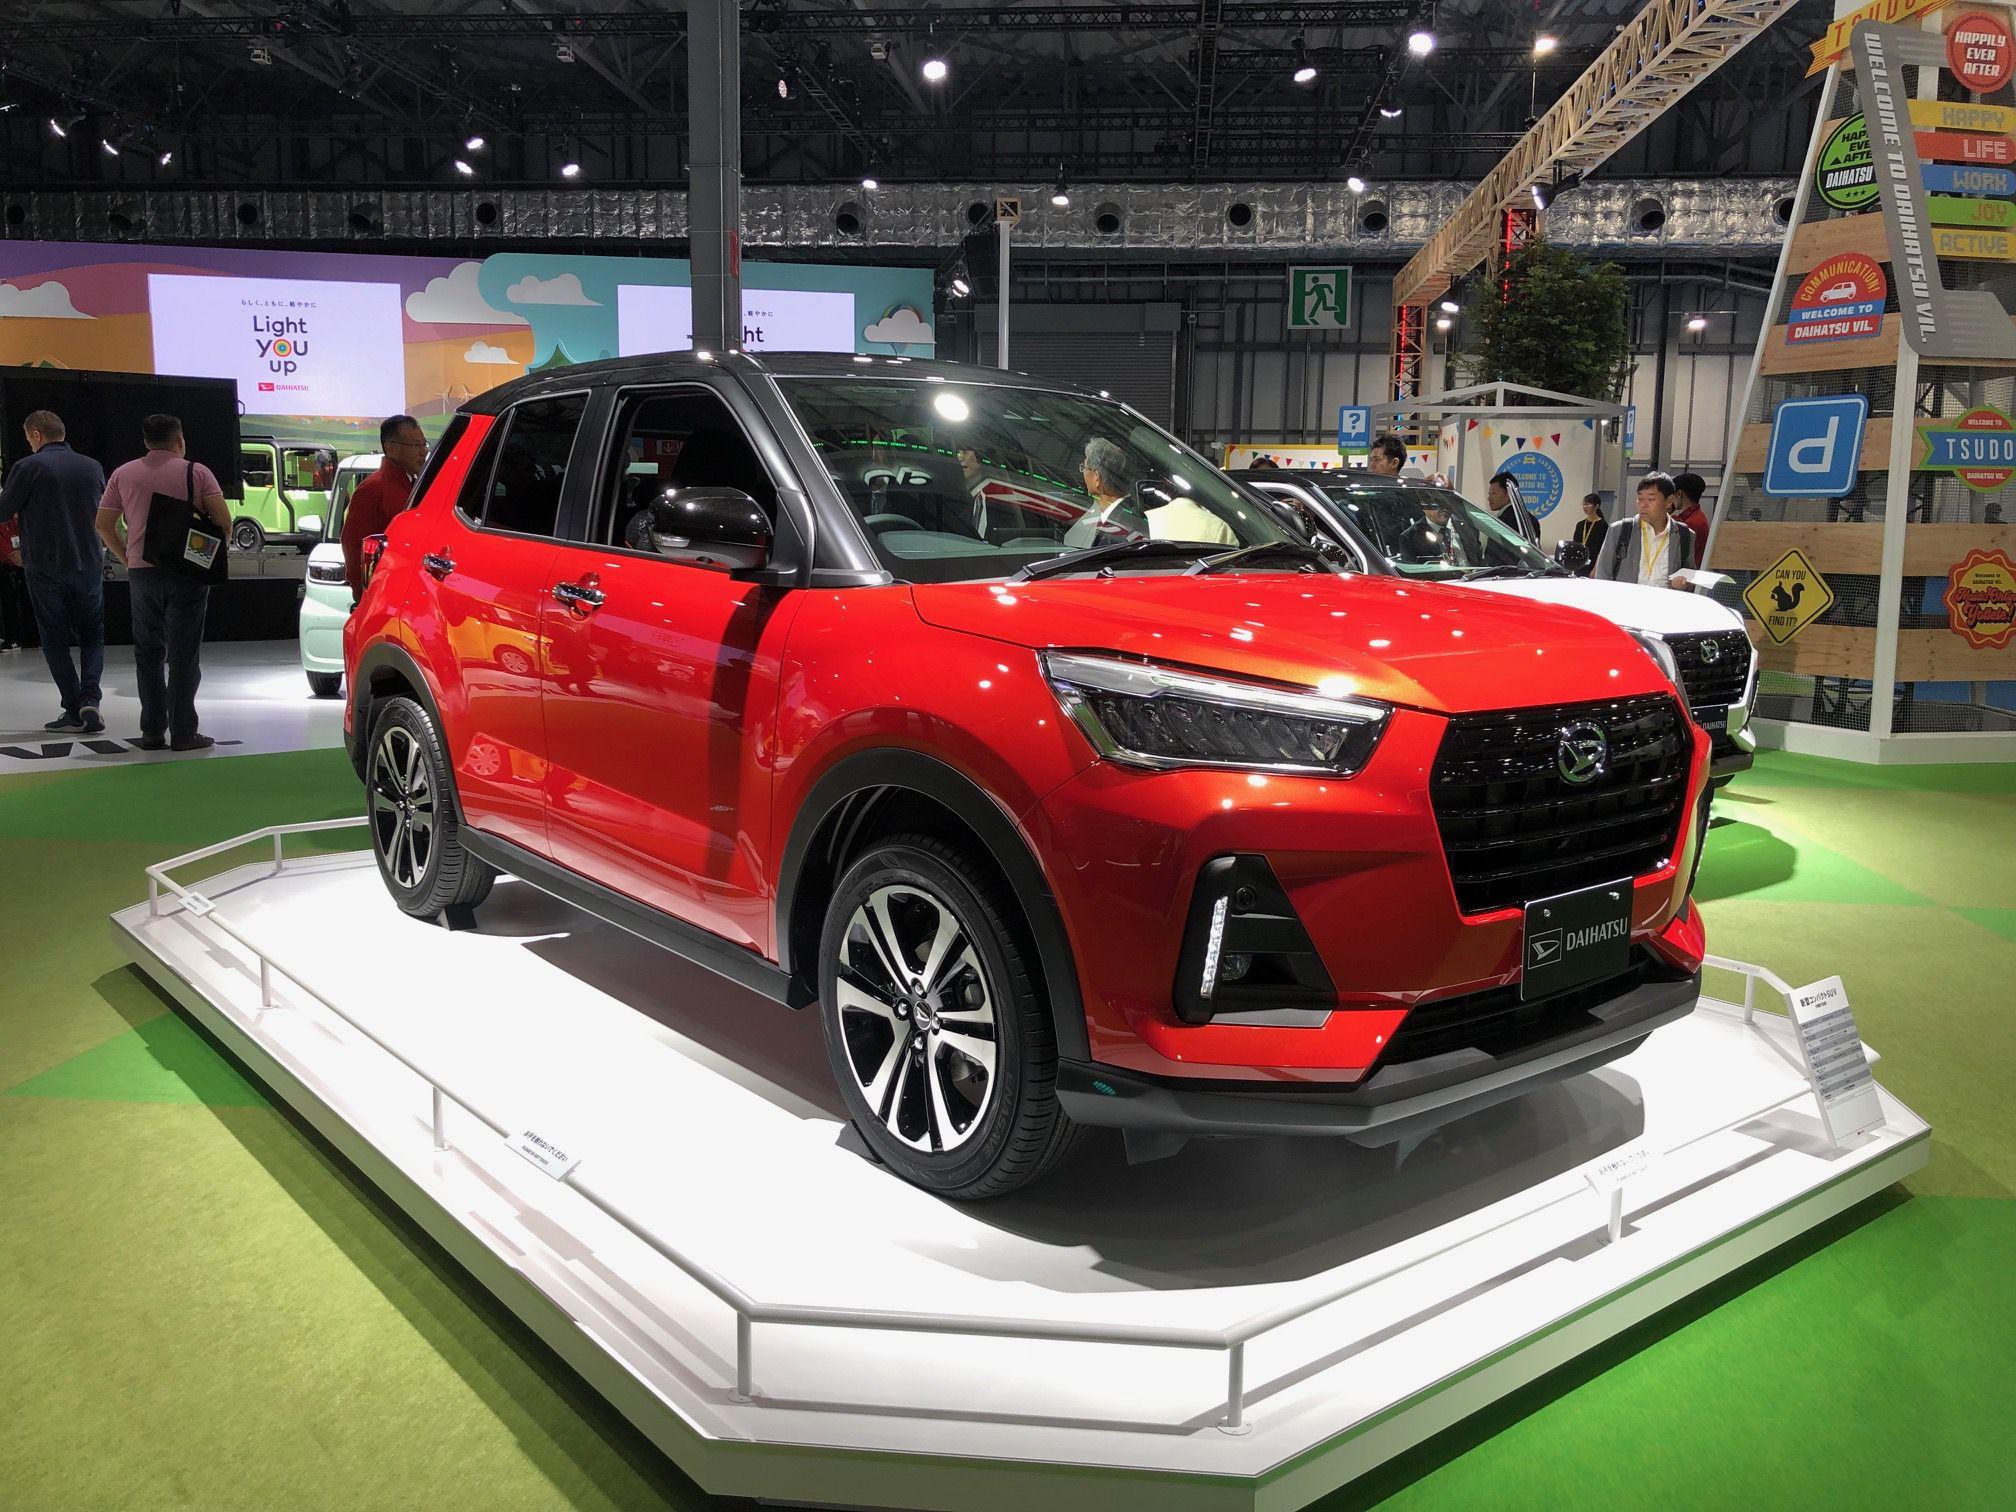 Daihatsu SUV